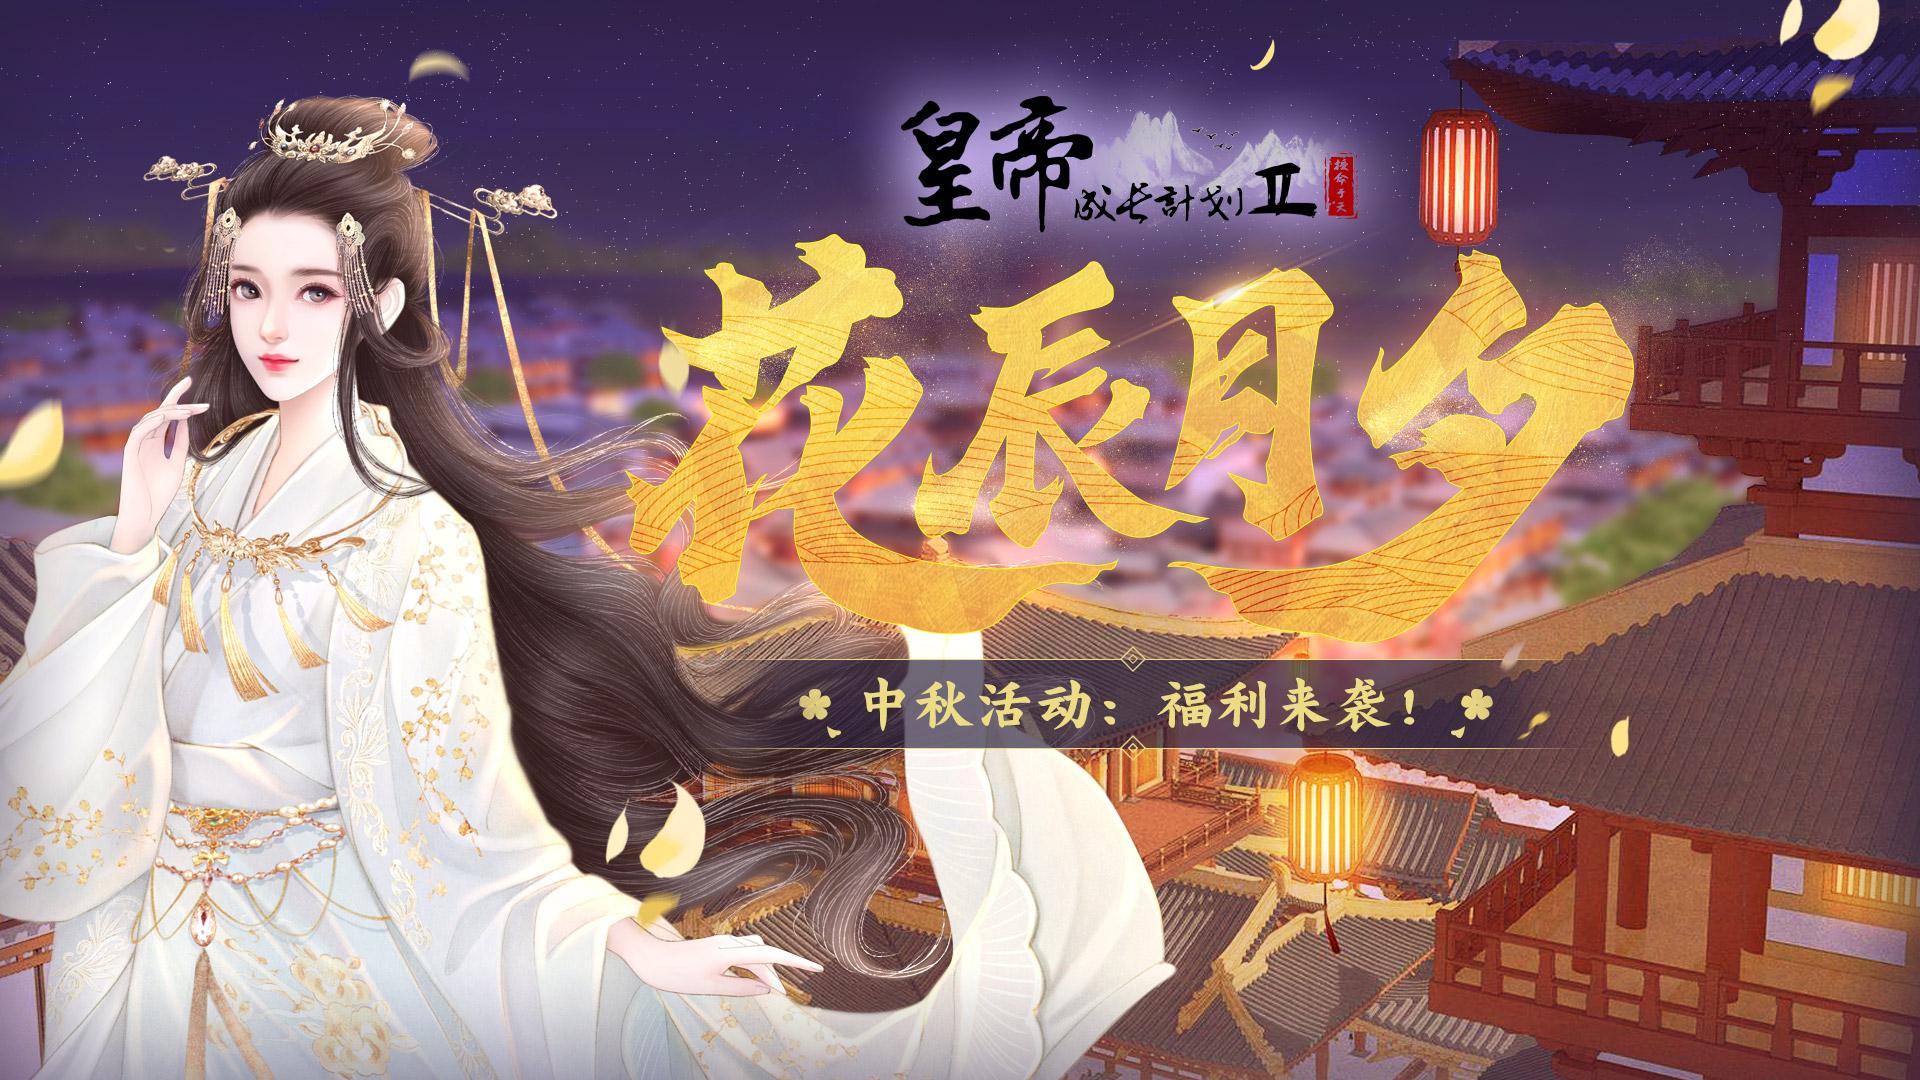 """【9月16日更新】 """"国风&印象""""专场,中秋活动来袭"""